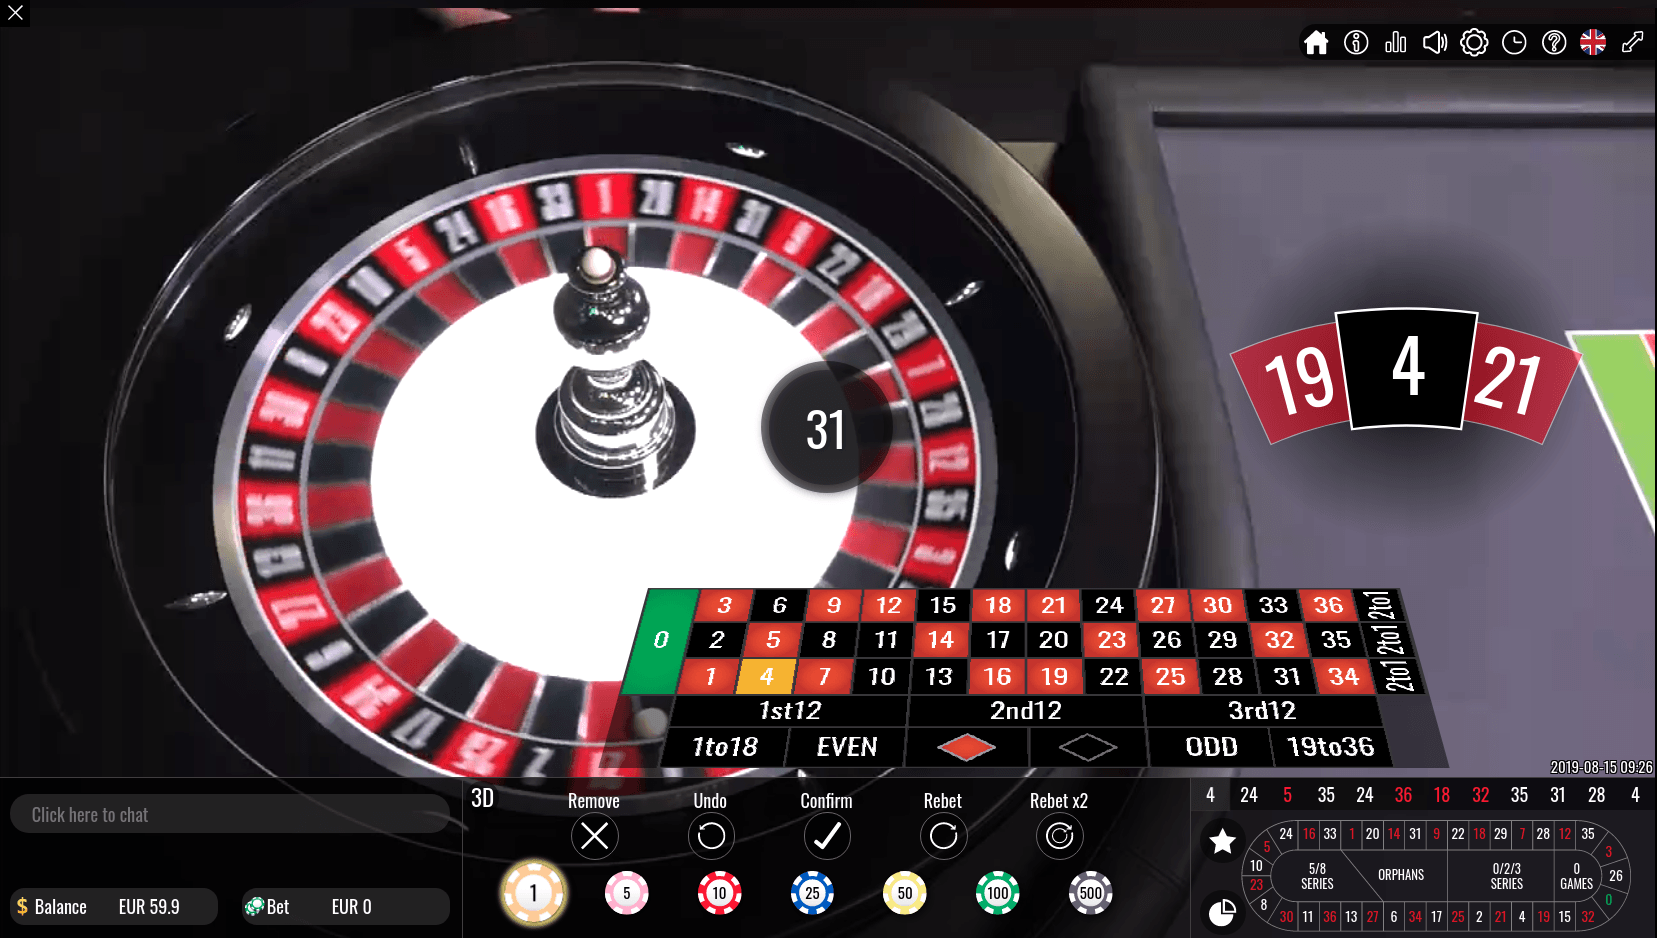 Vivo gaming cluedo casino 66036